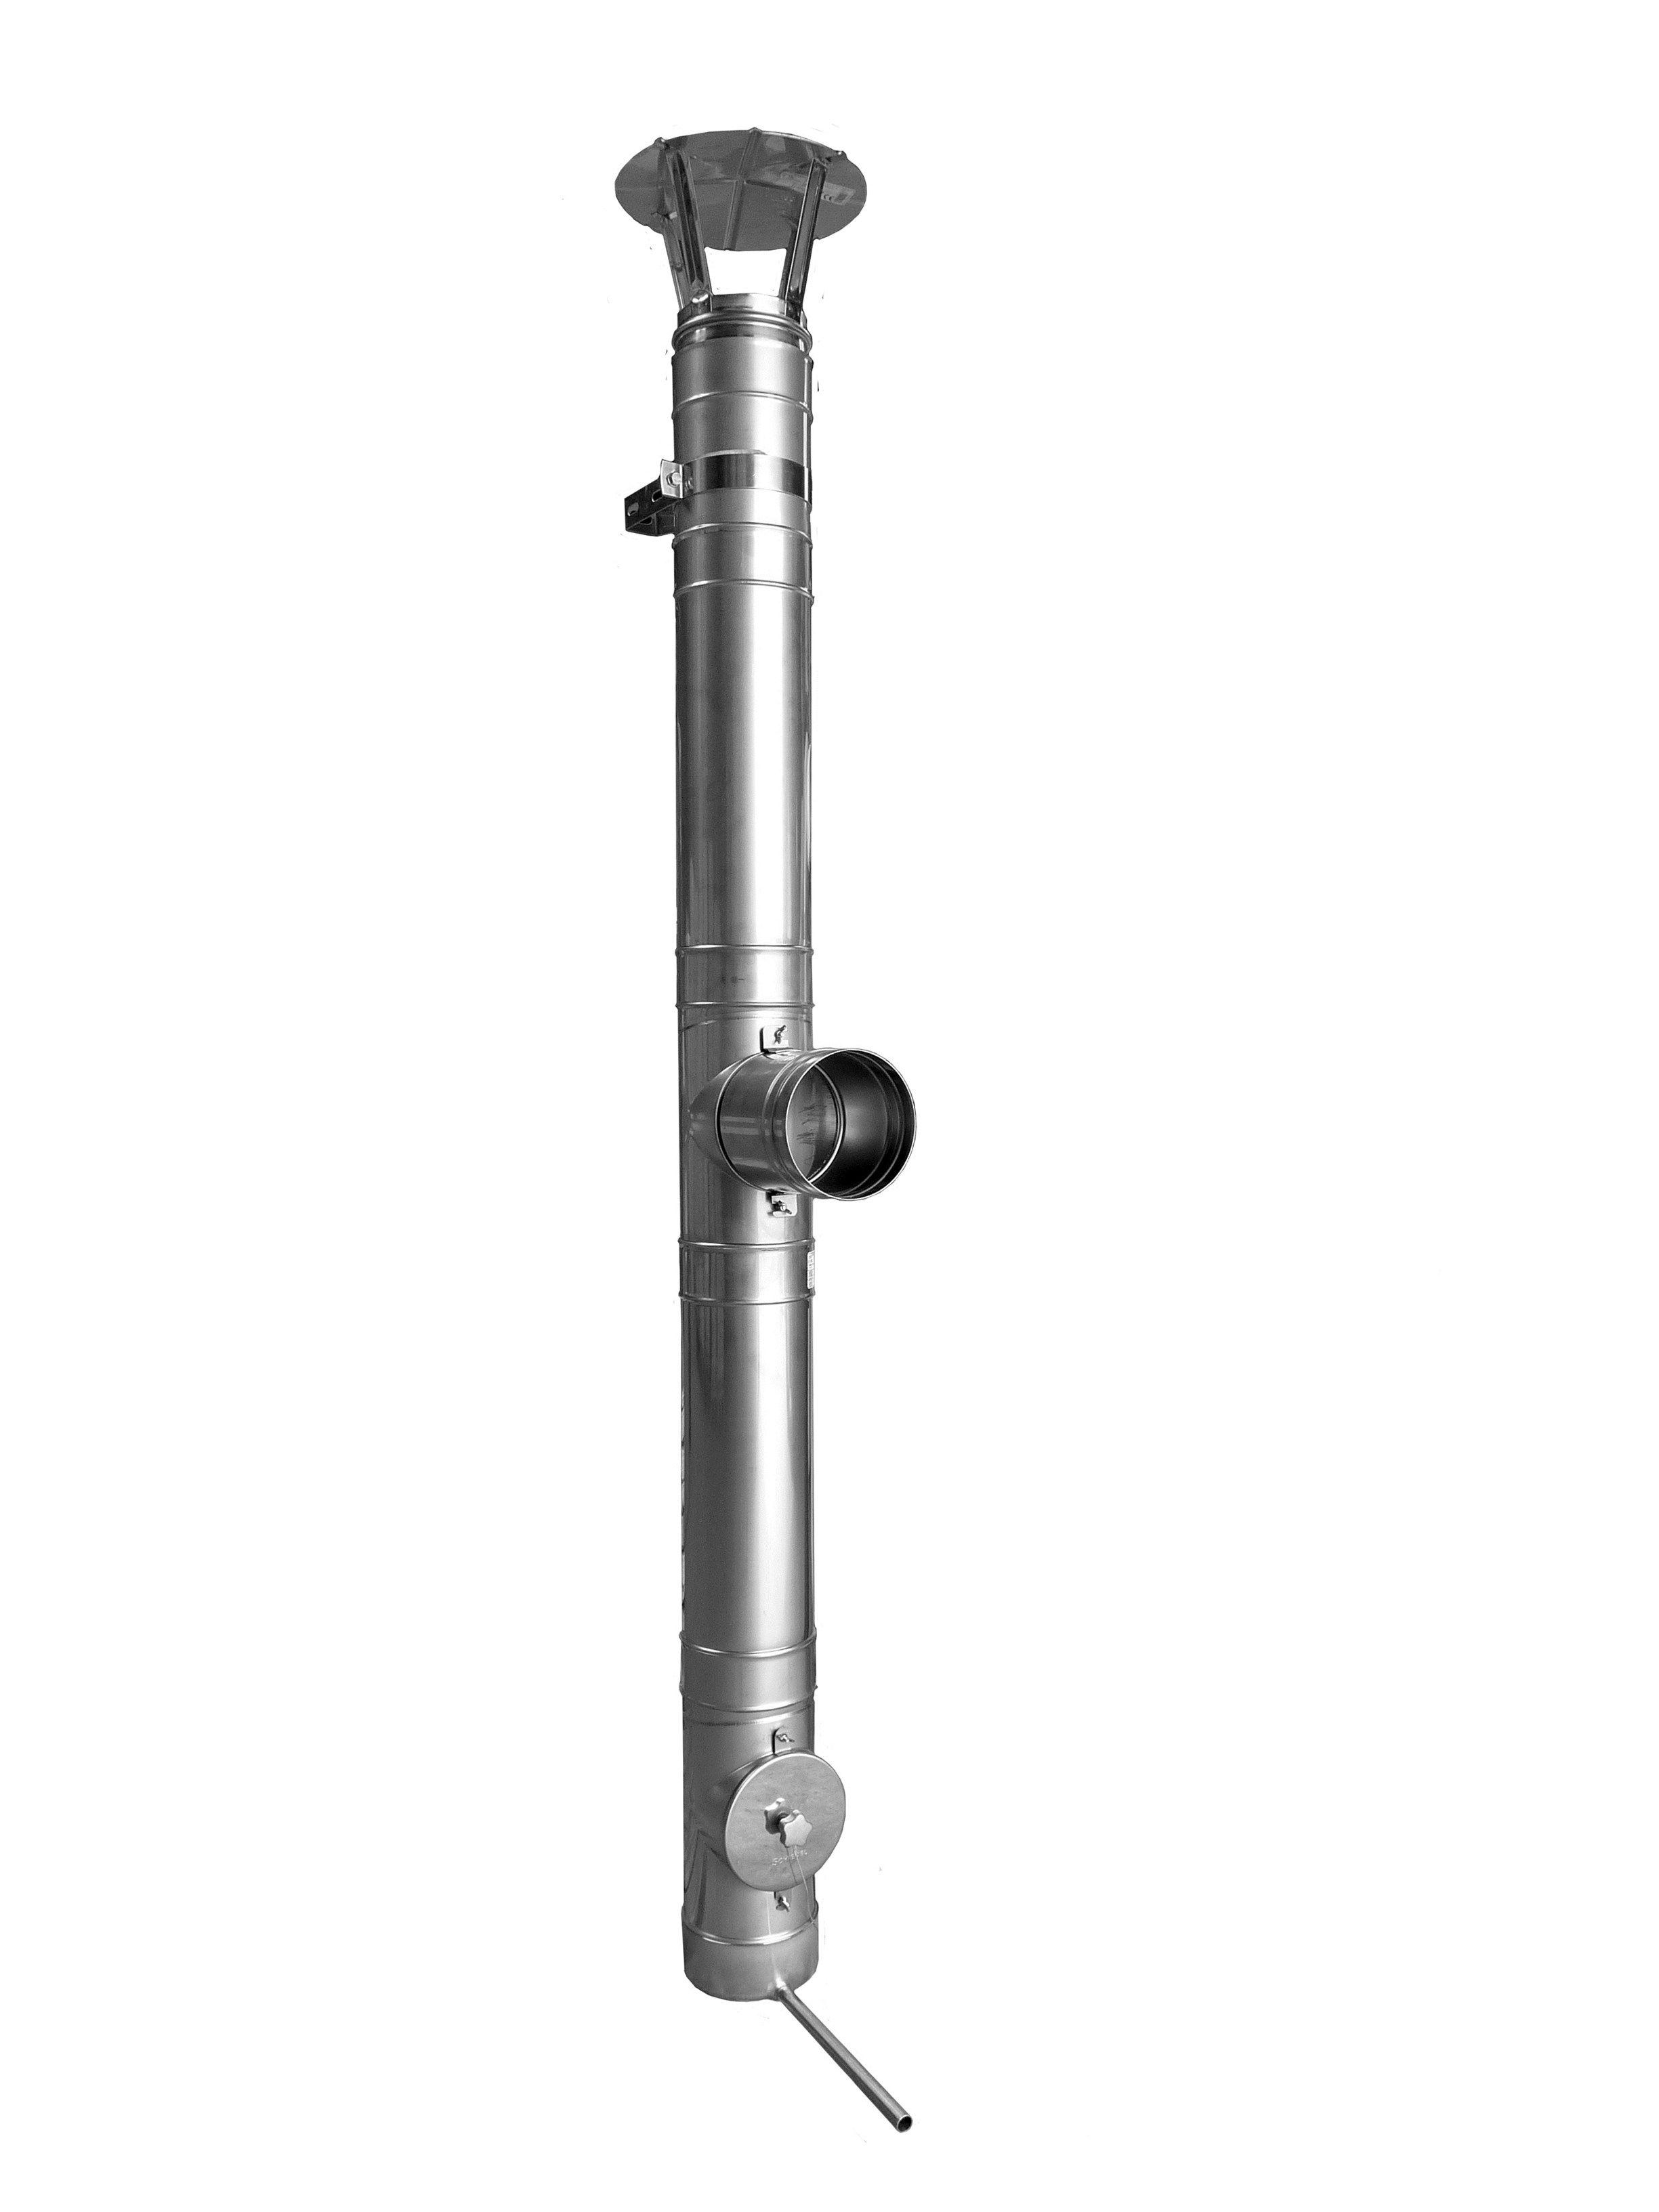 Canna fumaria in acciaio inox PRIMA 1 - Monoparete sp. 1 mm by Schiedel